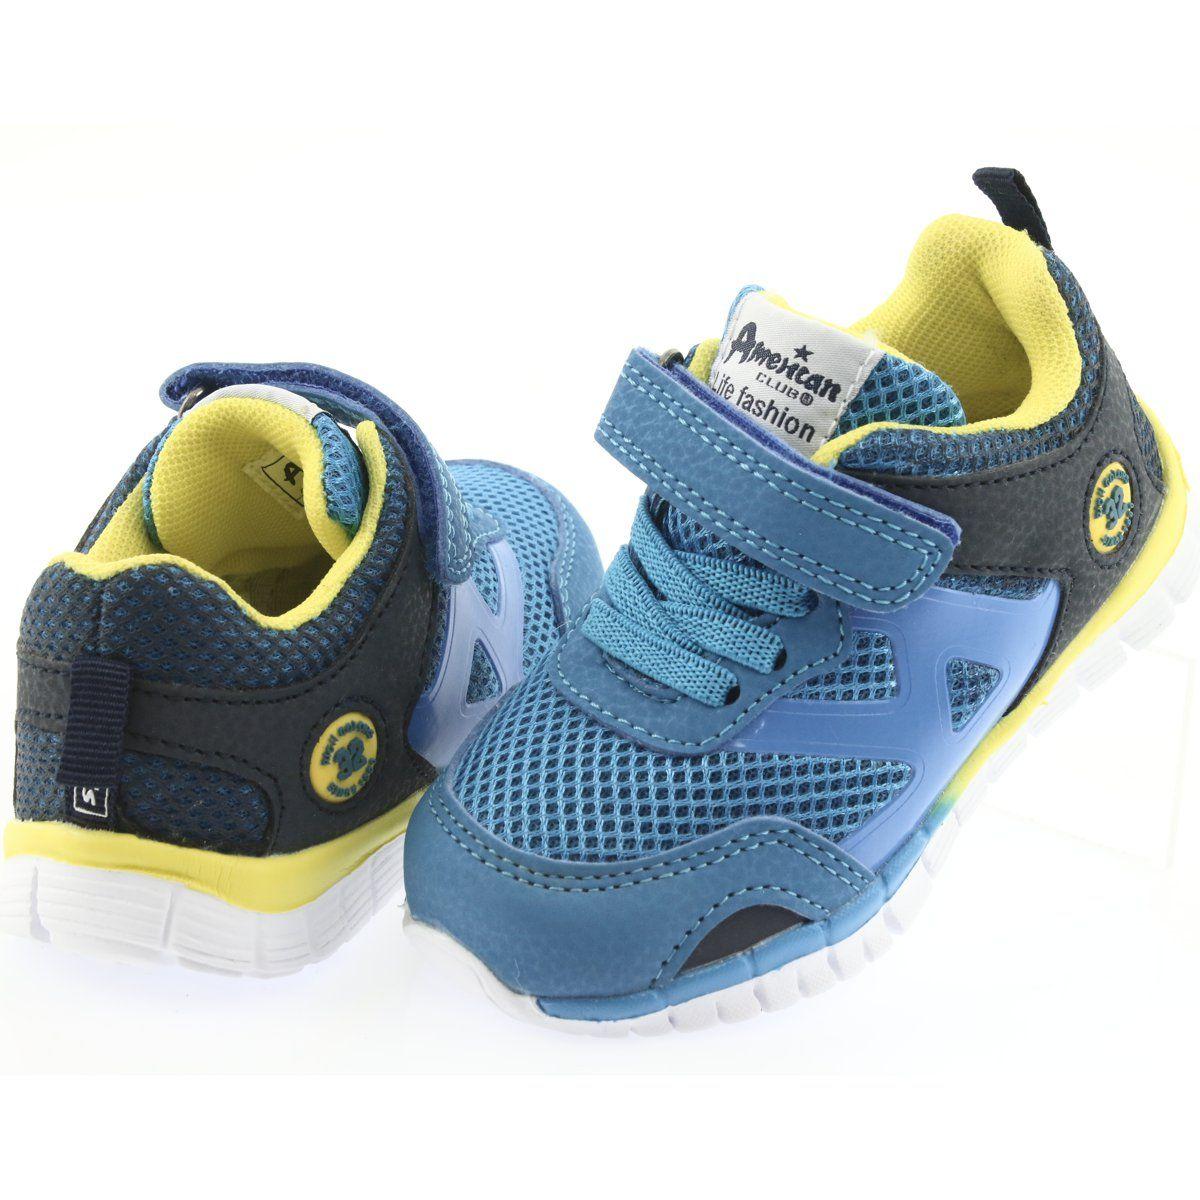 Buty Sportowe Blue American Club Es35 Buty Sportowe Buty I Buty Dzieciece